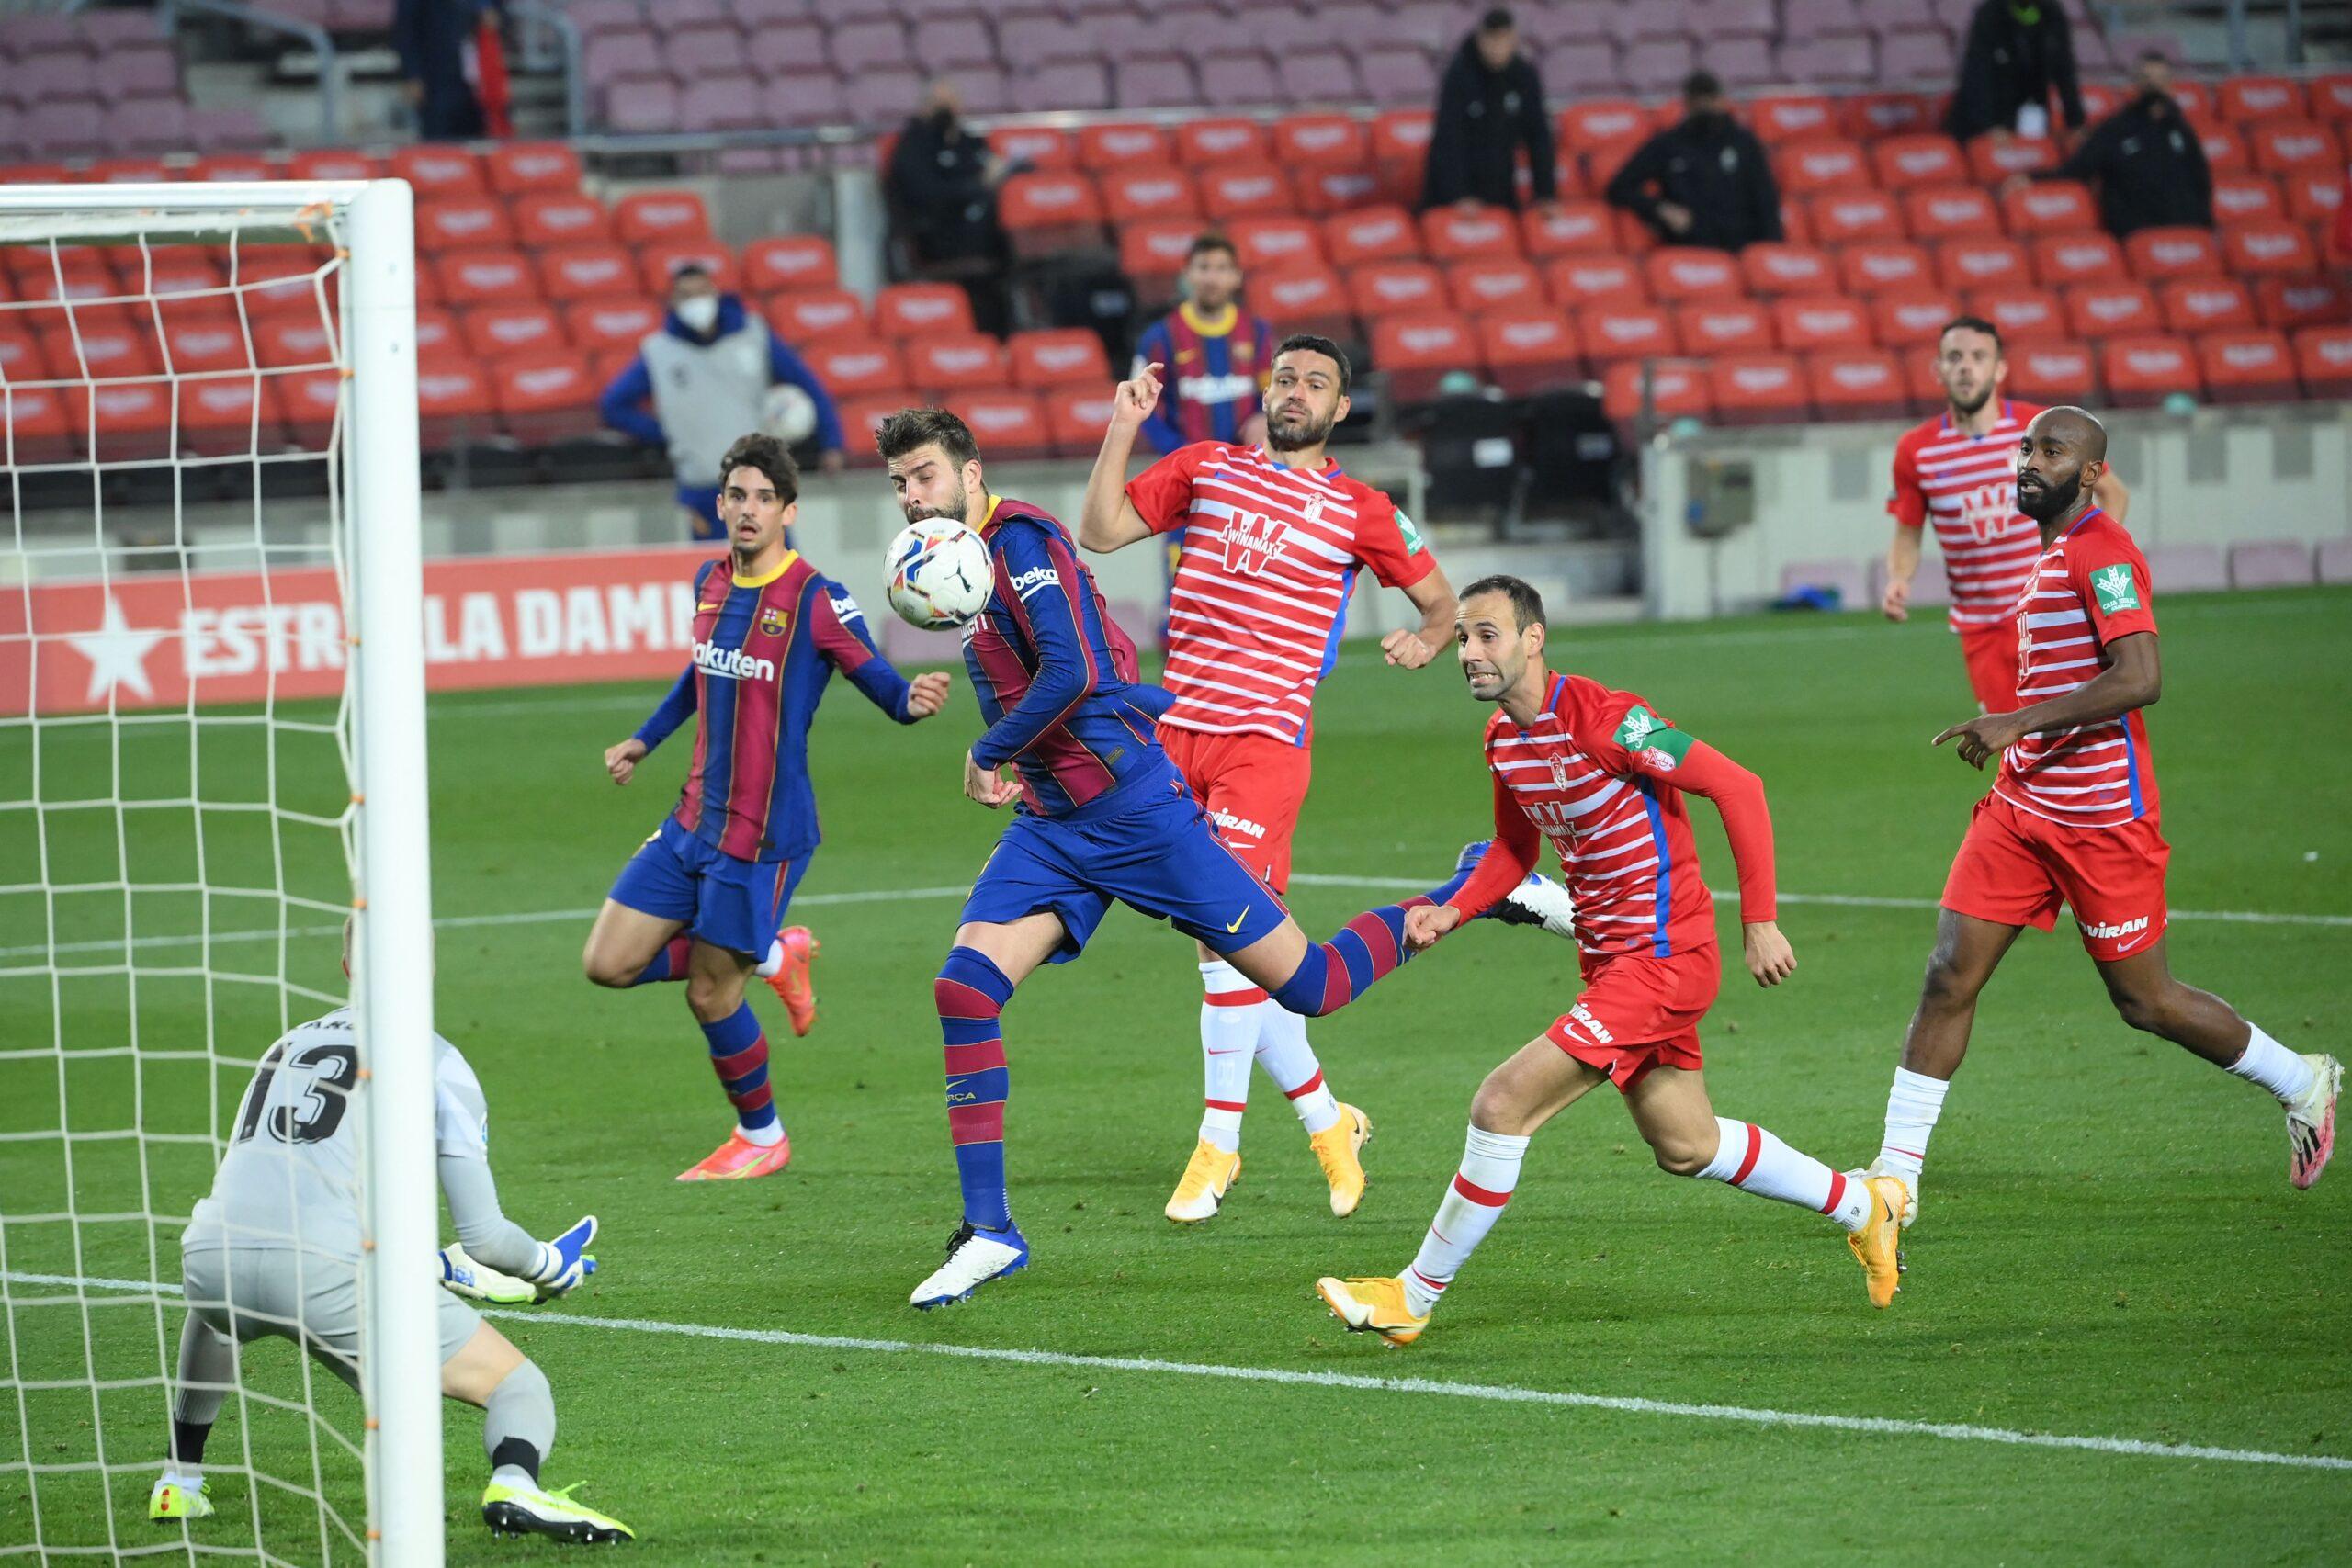 أهداف يوم الاثنين .. تعادل برشلونة ضد غرناطة و نابولي يخطف صدارة الكالتشيو ب رباعية قاتلة